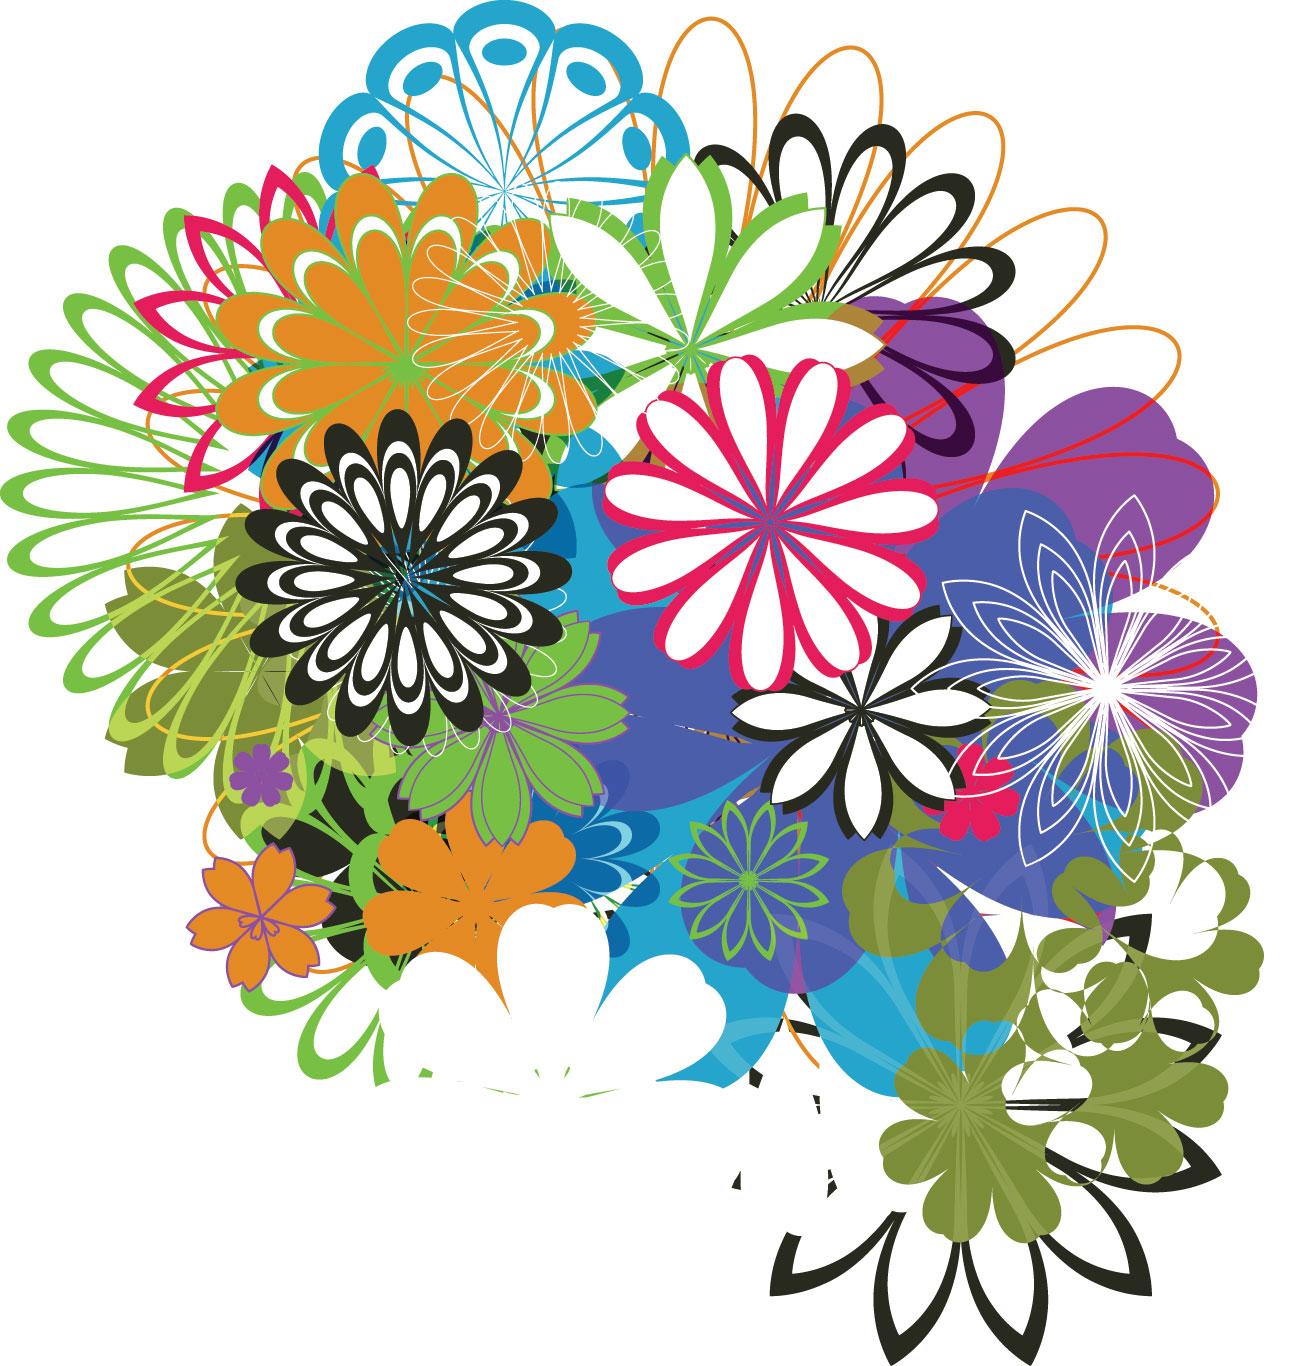 ポップでかわいい花のイラスト・フリー素材/no.277『カラフルフラワー』